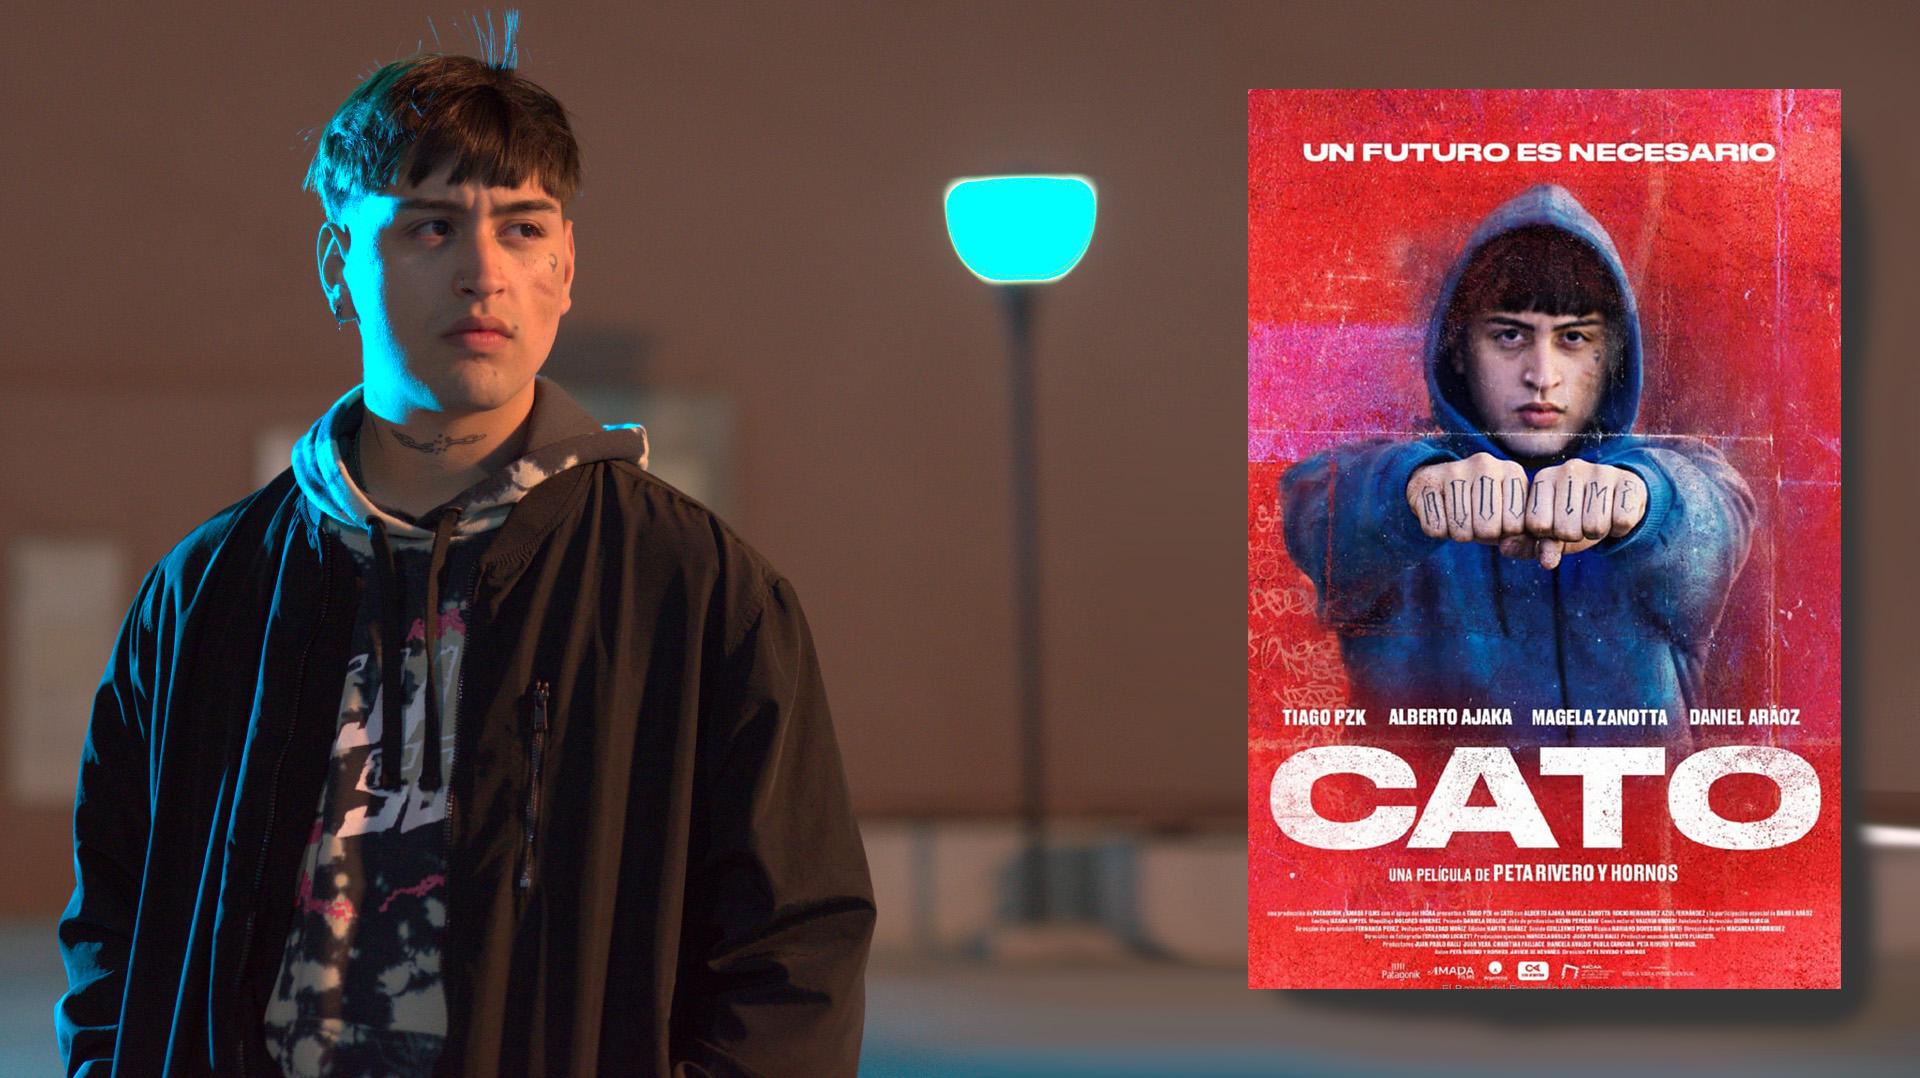 Tiago PZK y su película